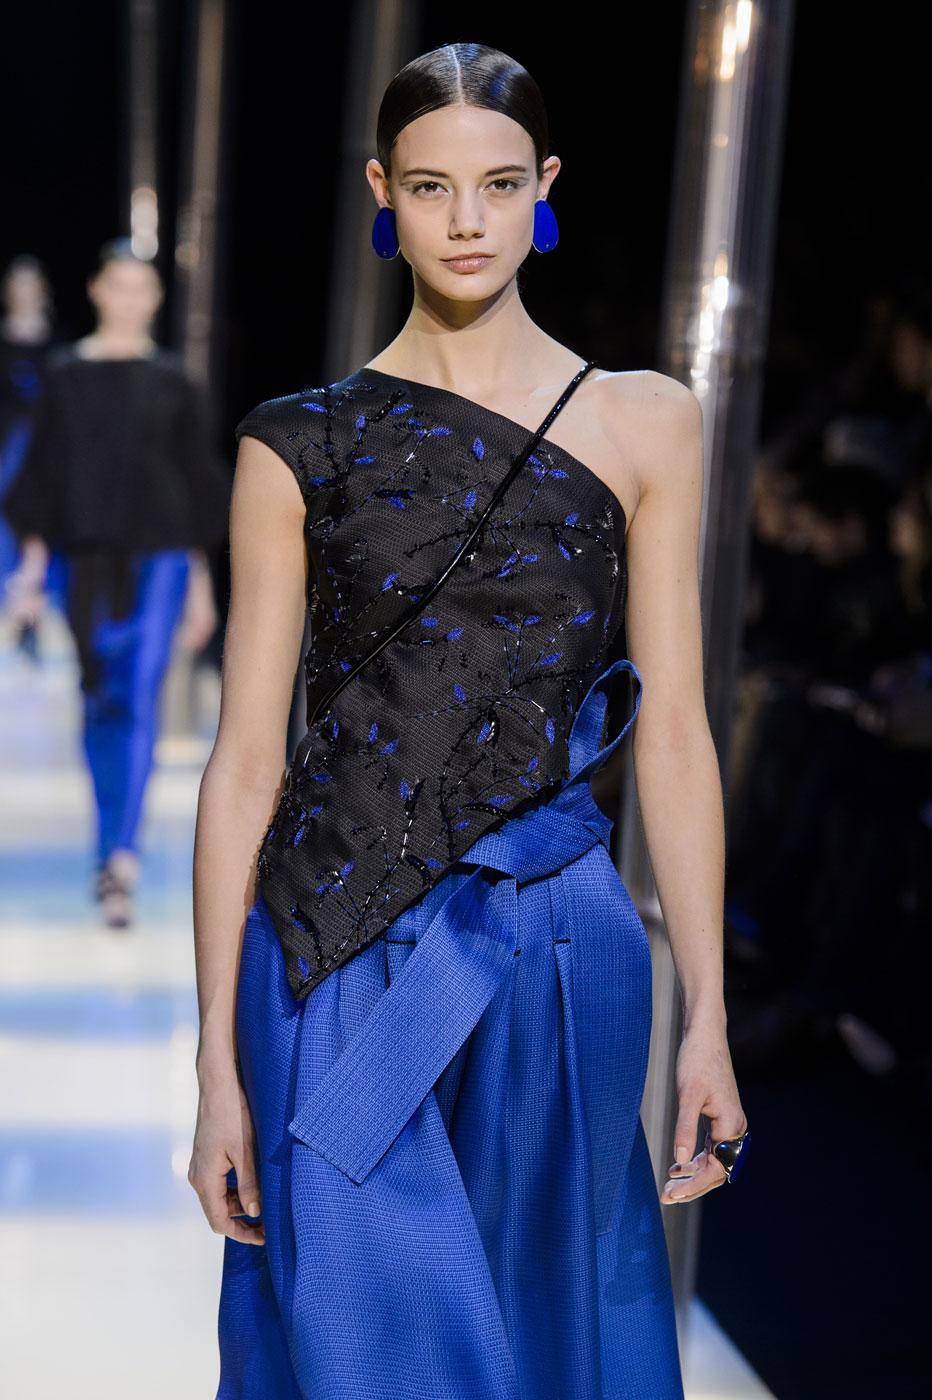 Giorgio-armani-Prive-fashion-runway-show-haute-couture-paris-spring-2015-the-impression-128